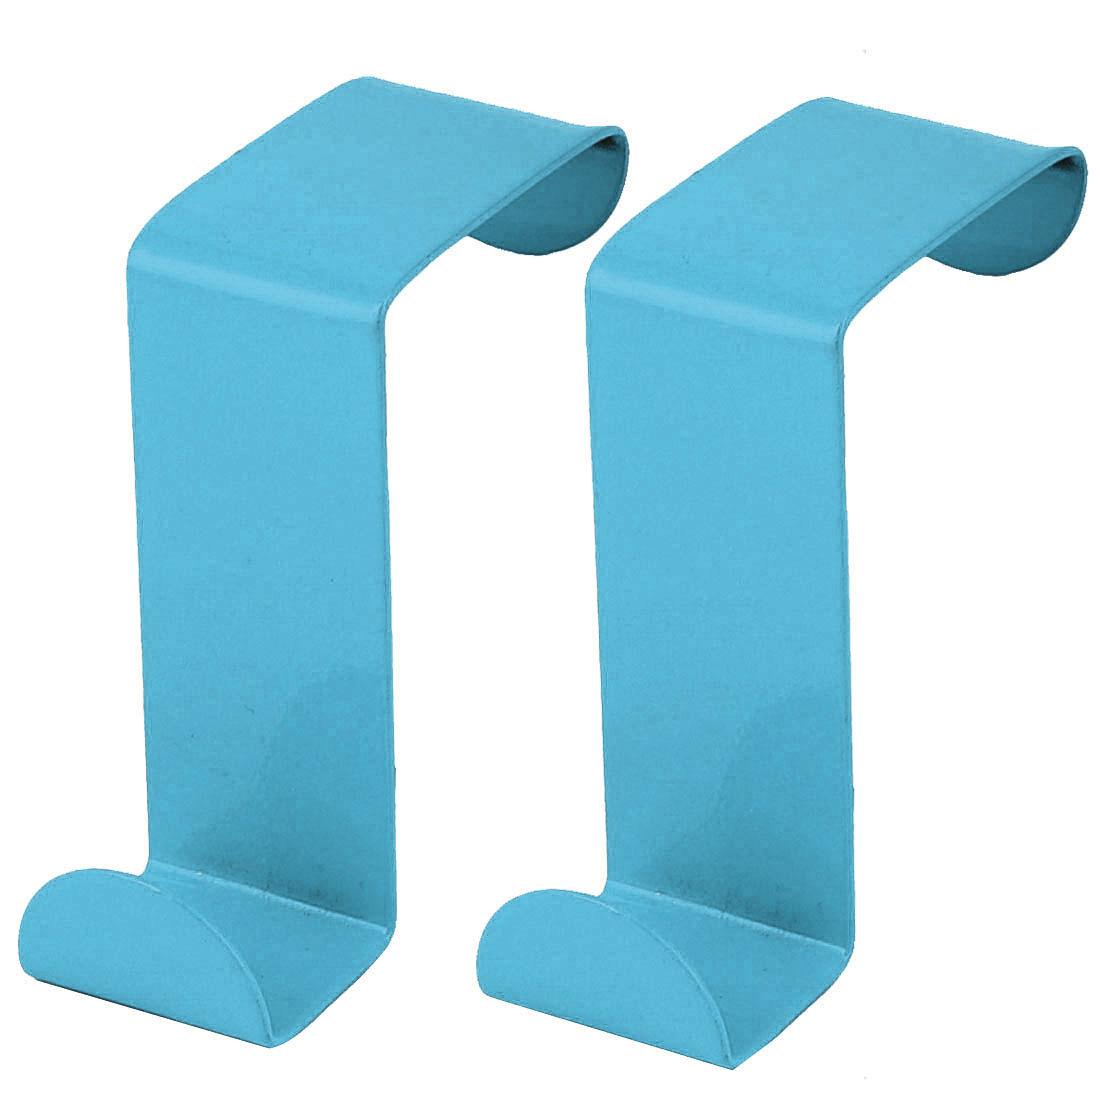 Household Metal Z Shaped Over Door Hooks Clothes Towel Hanger Holder Blue 2 Pcs